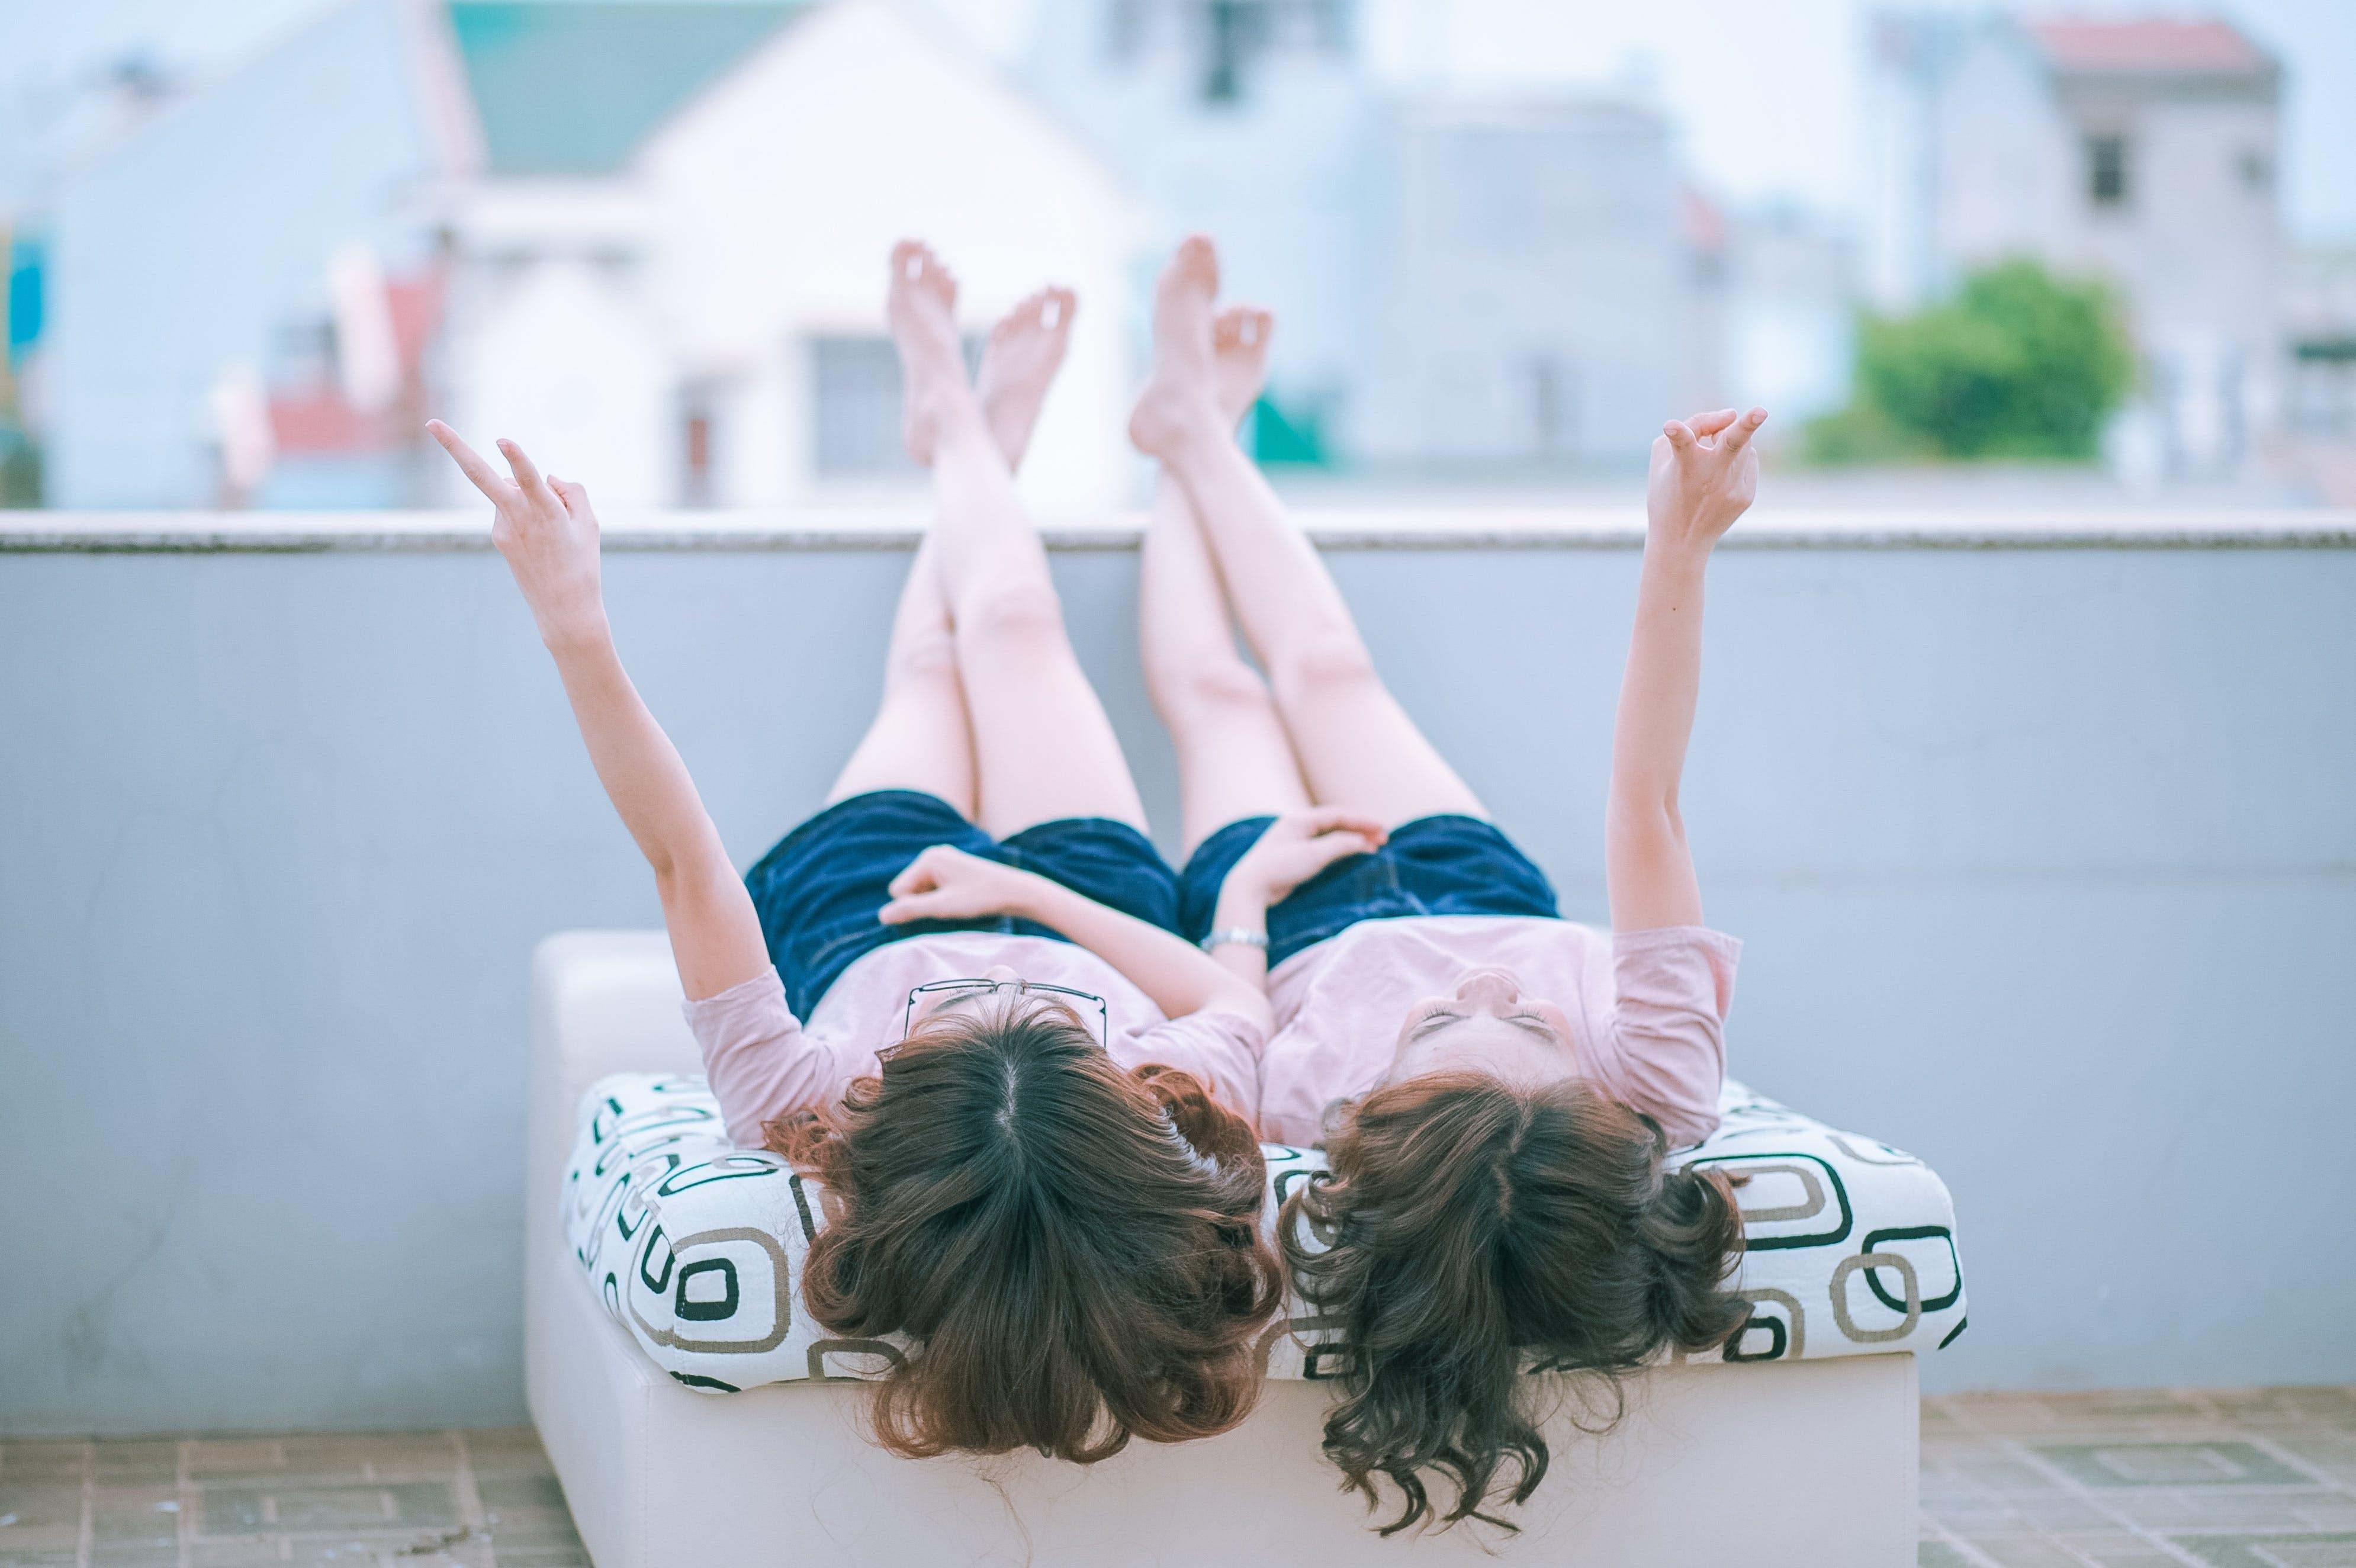 entspannung, frauen, freude